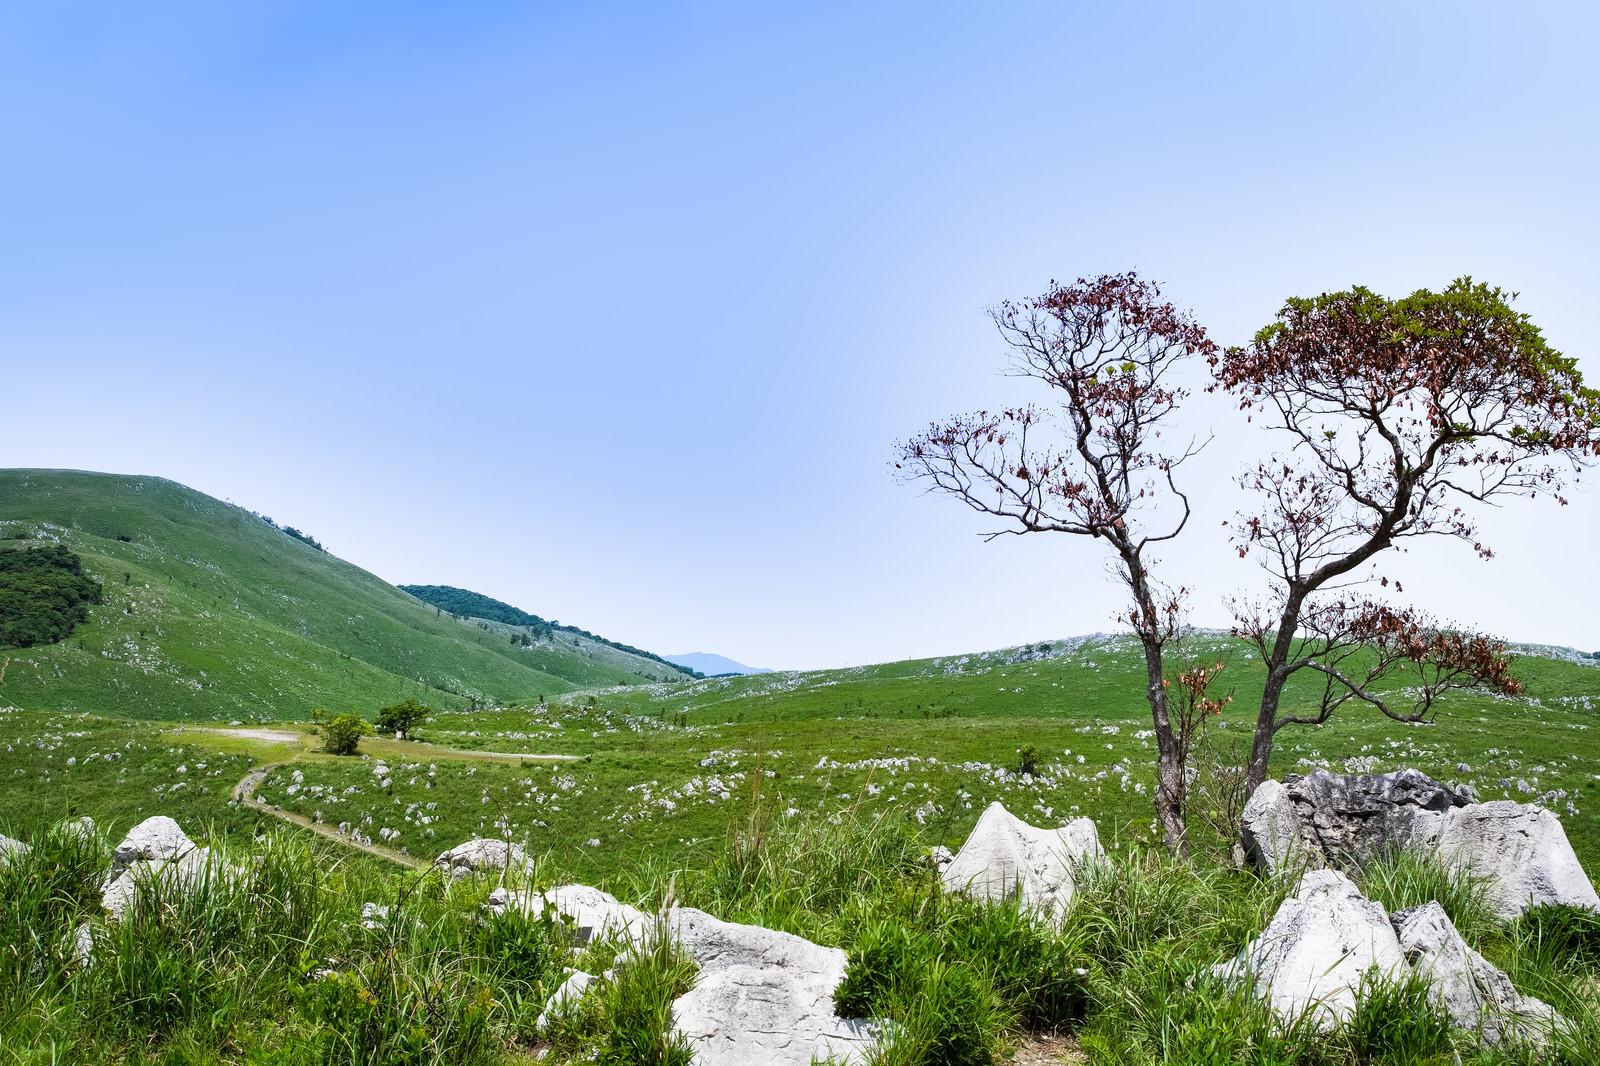 「秋吉台のカルスト台地に続く遊歩道(山口県美祢市)」の写真